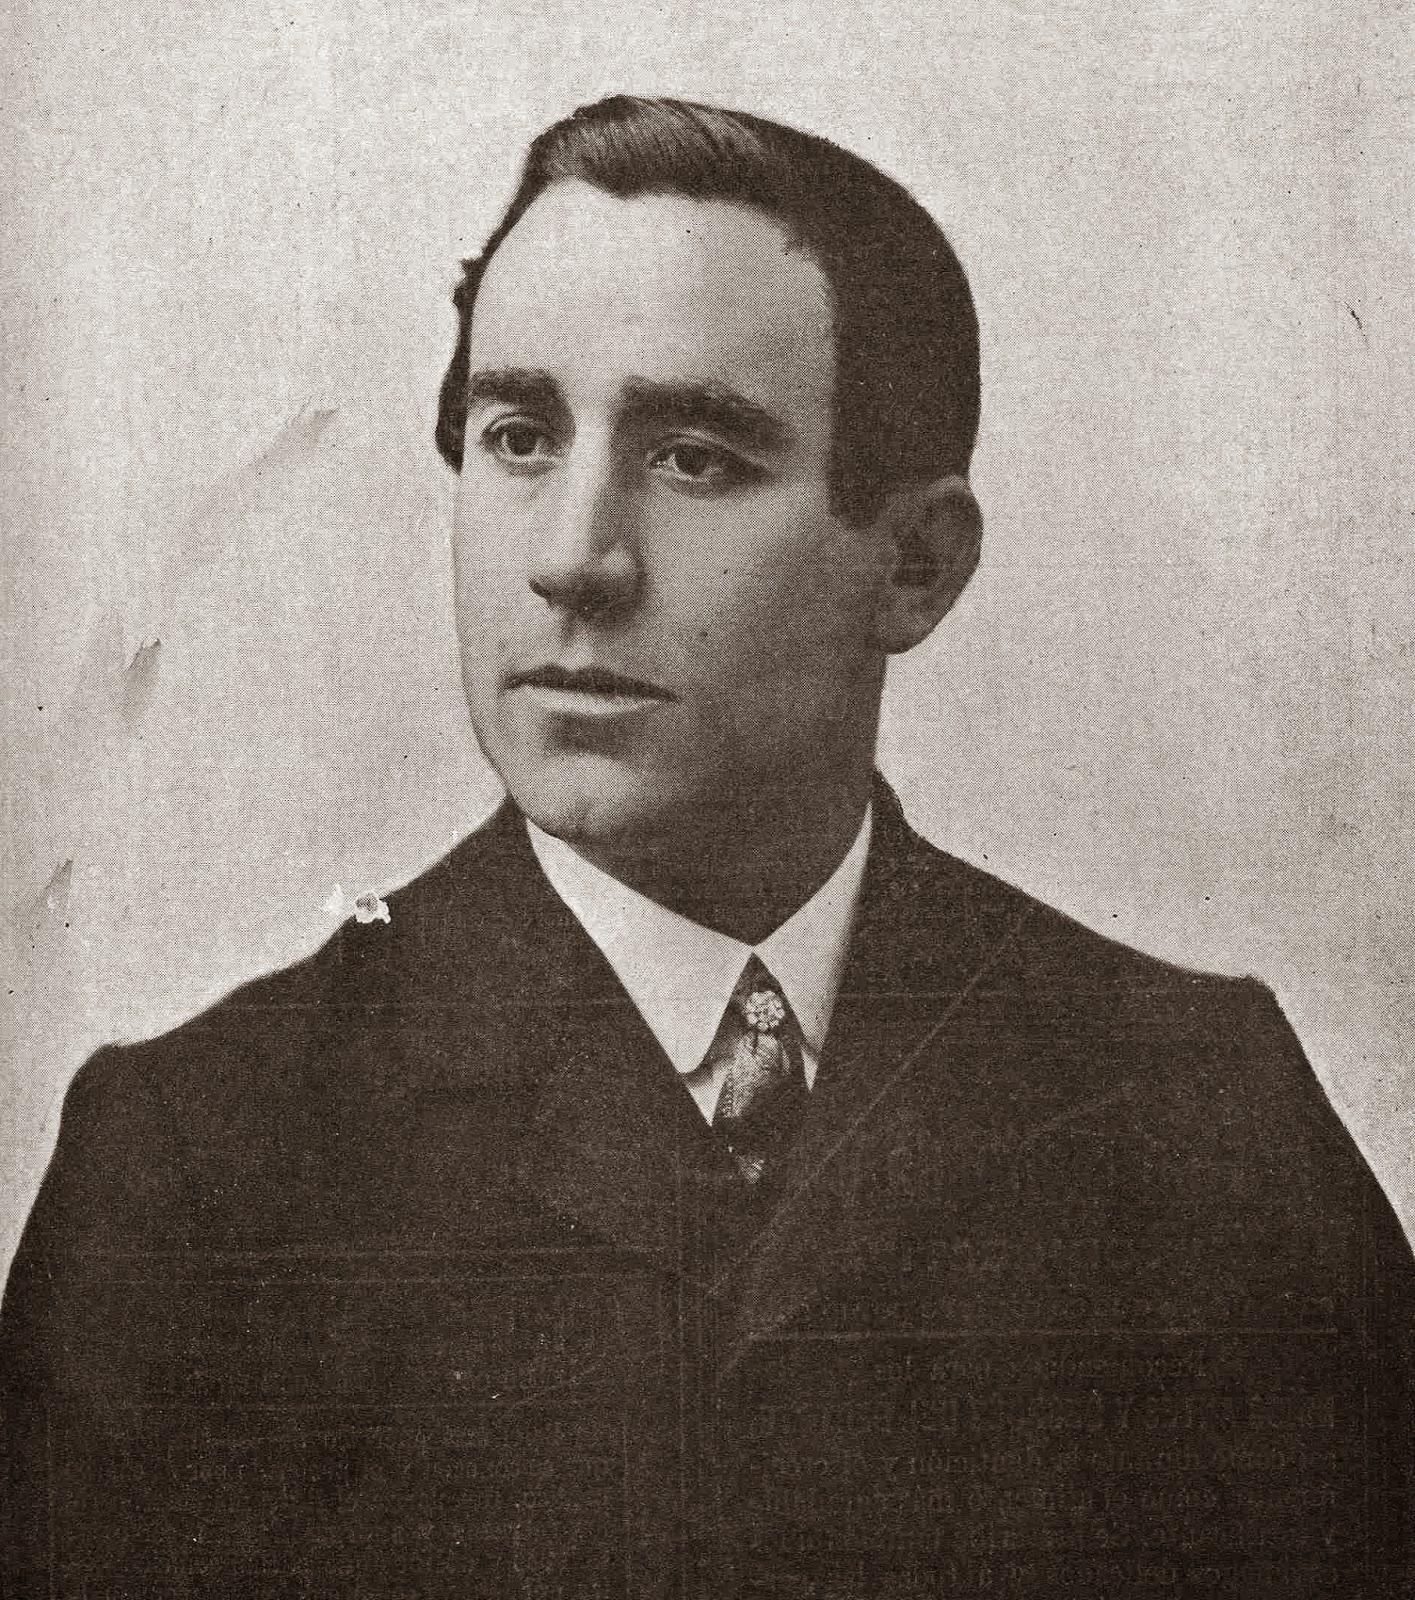 En 1908, entró al servicio de Ricardo Bomba, en ocasión de 1a retirada de Manuel. Antolín, manteniéndose en plenitud dé facultades y de acierto, ... - patatero